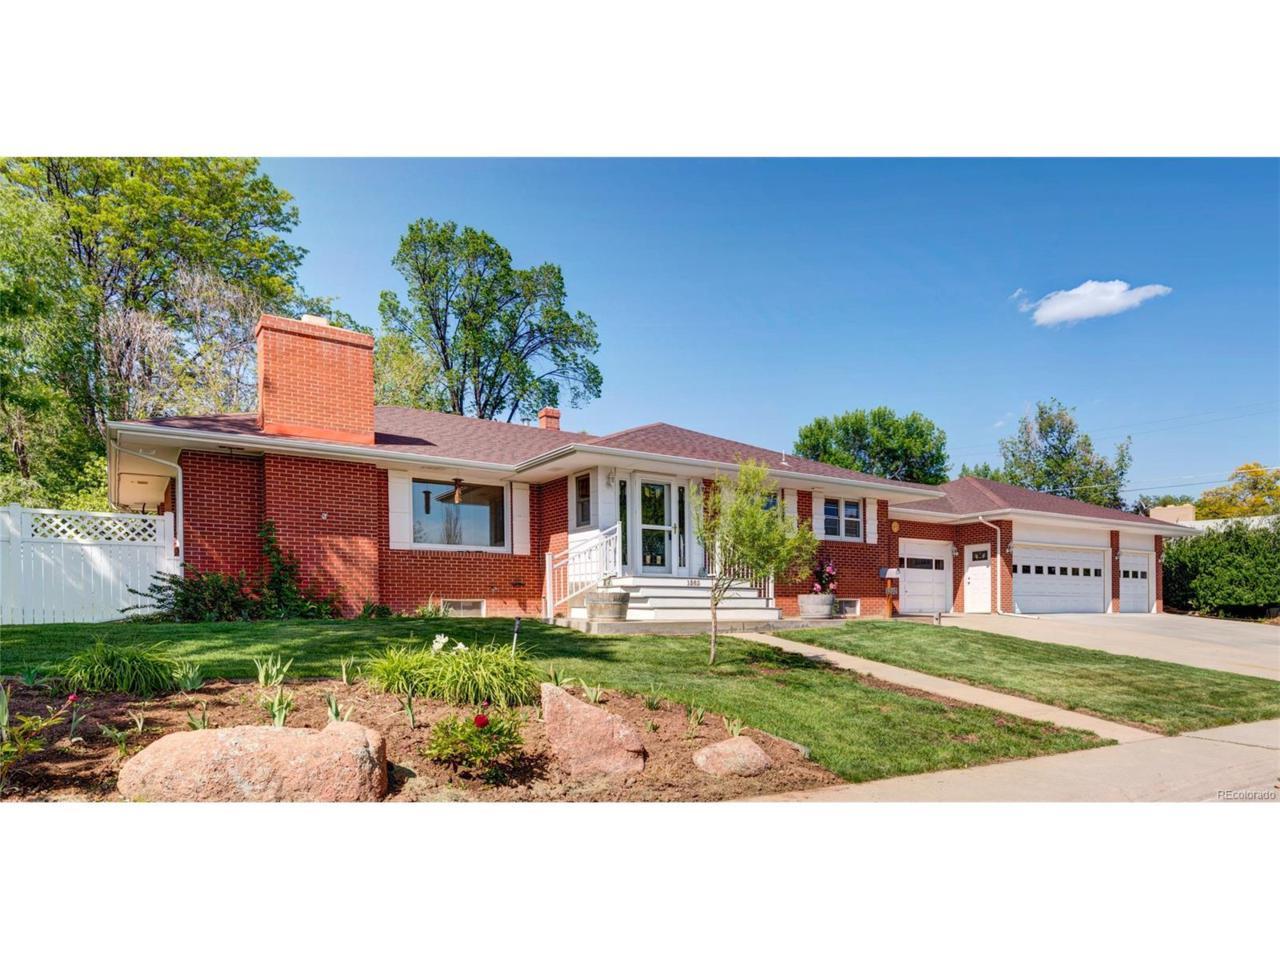 1202 W Broadmoor Drive, Loveland, CO 80537 (MLS #4882082) :: 8z Real Estate